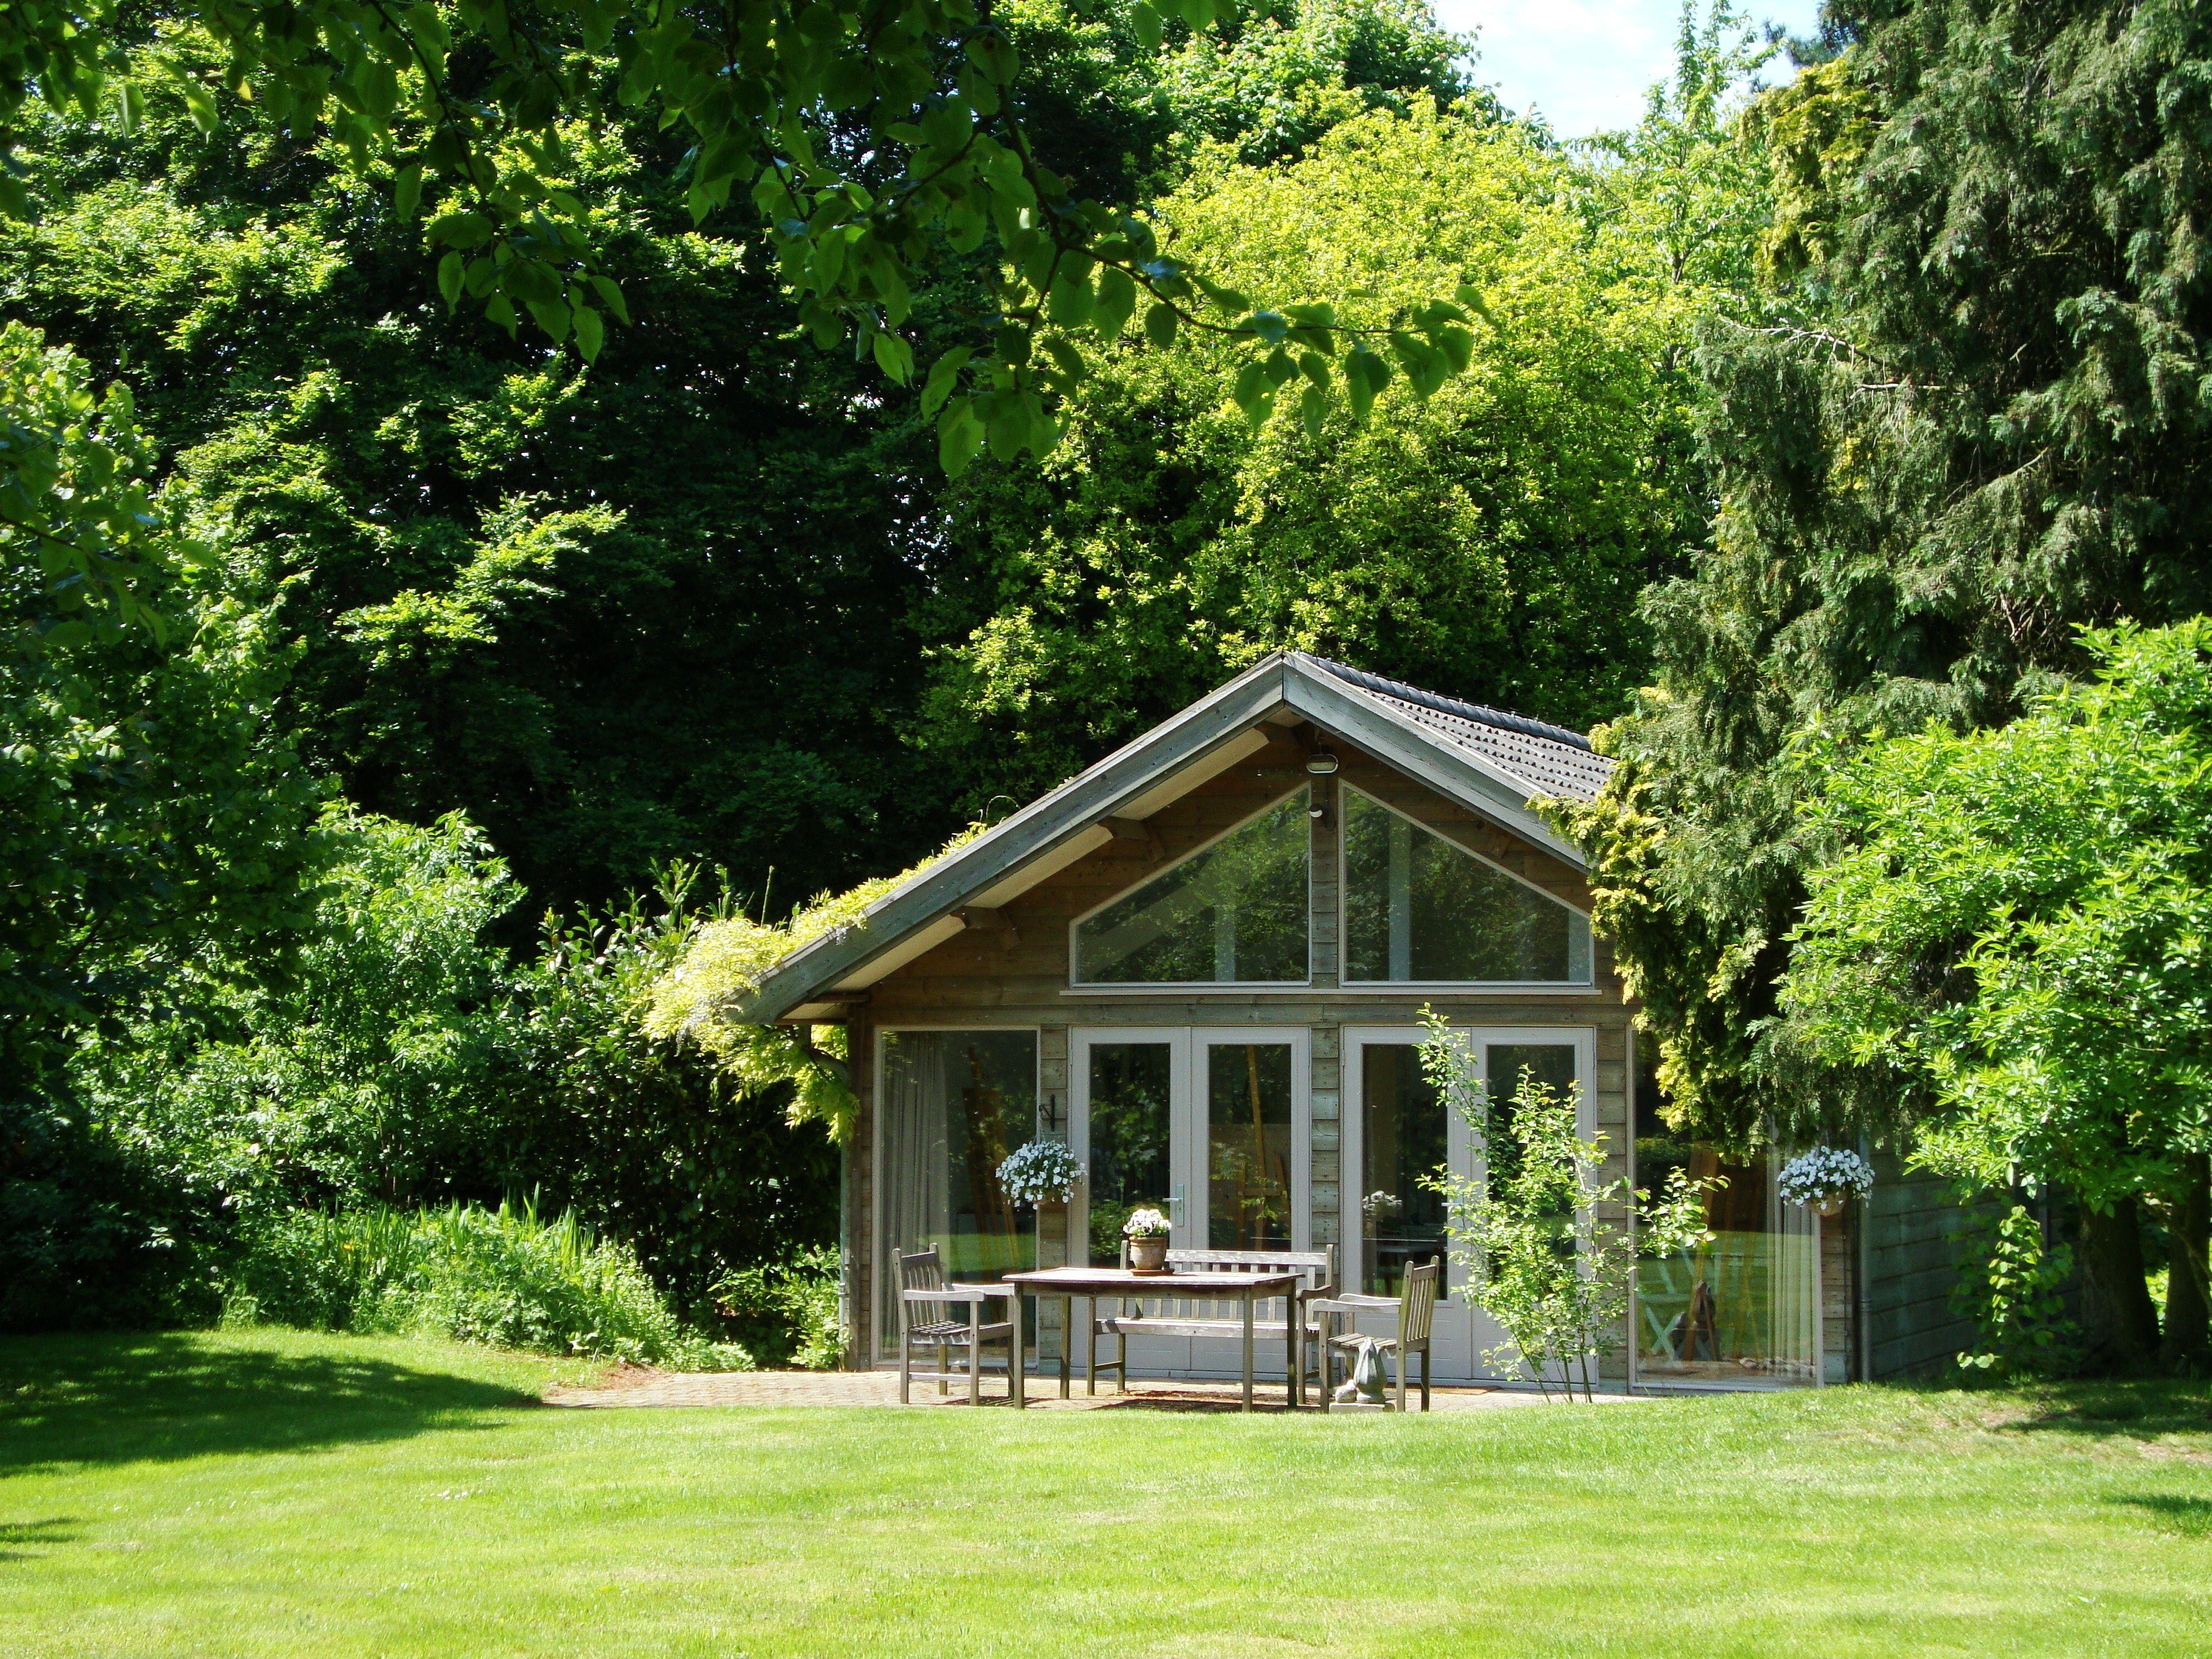 Hollywoodschaukel im garten  Ein großen Haus im Garten mit großzügigem Vordach. Ideal für eine ...